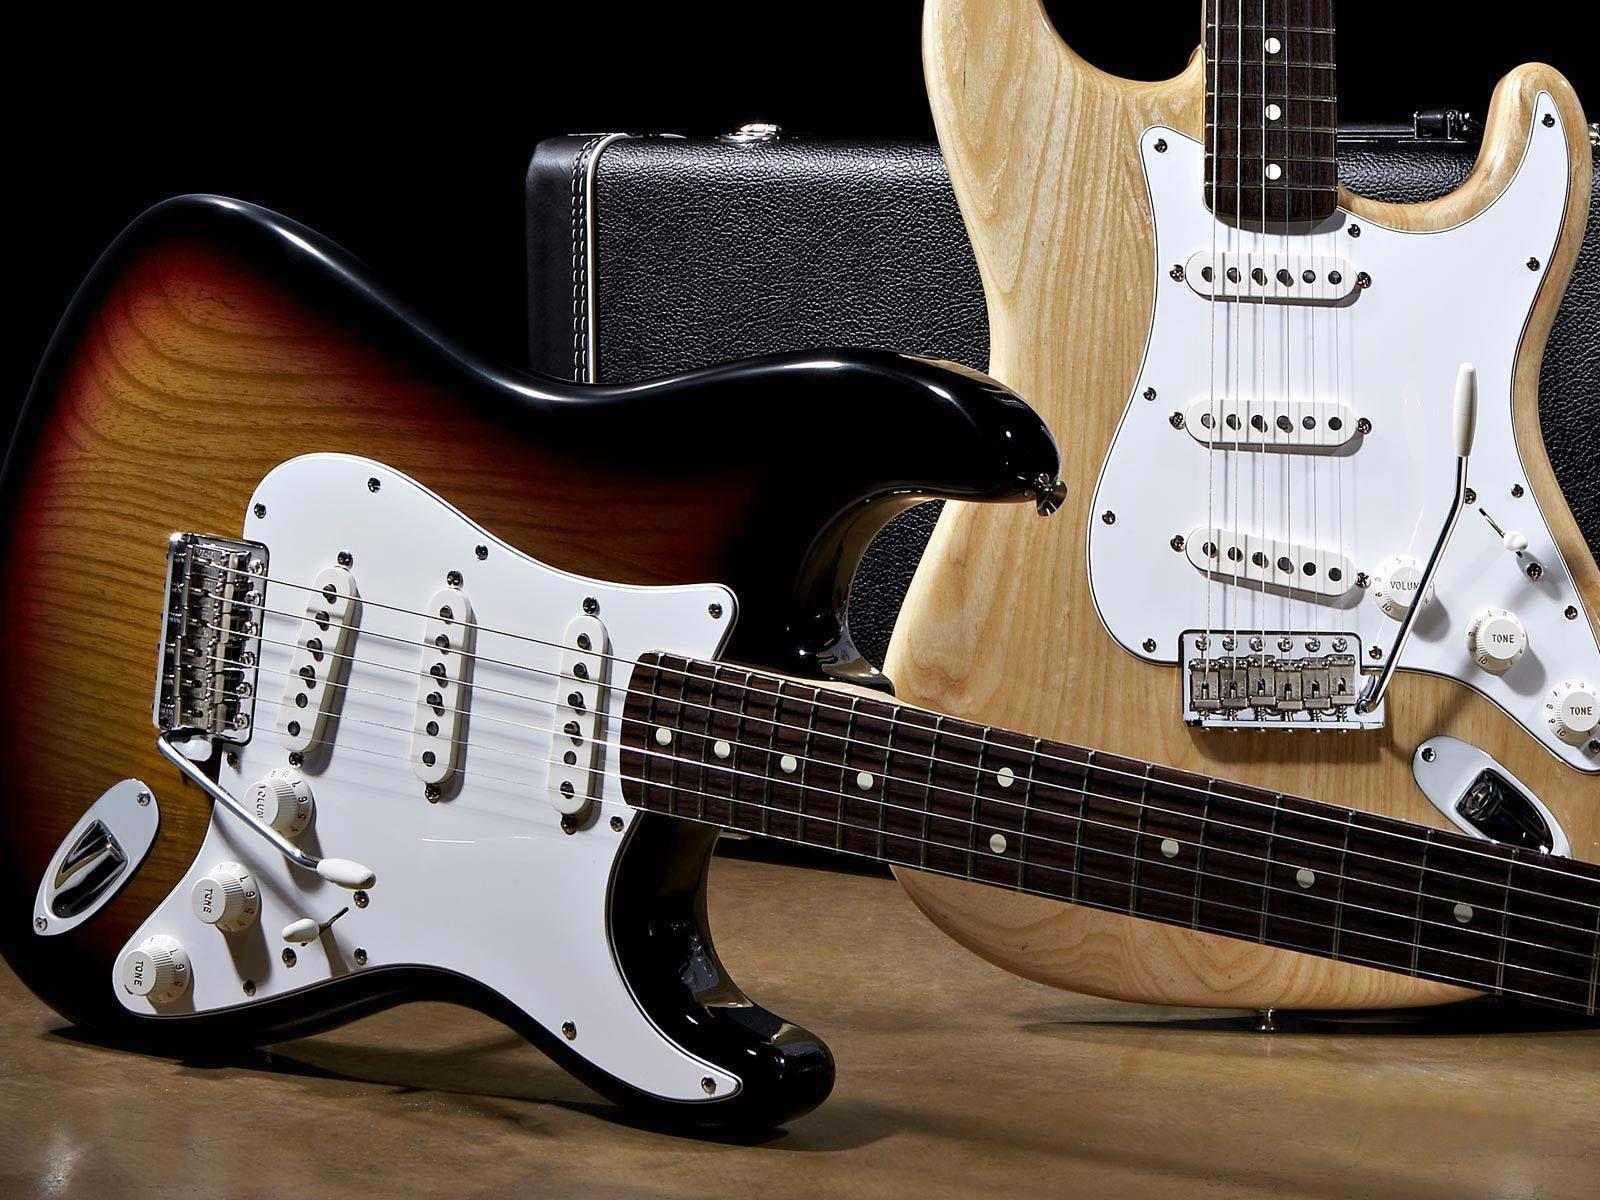 Fender Stratocaster/Photo: Pinterest